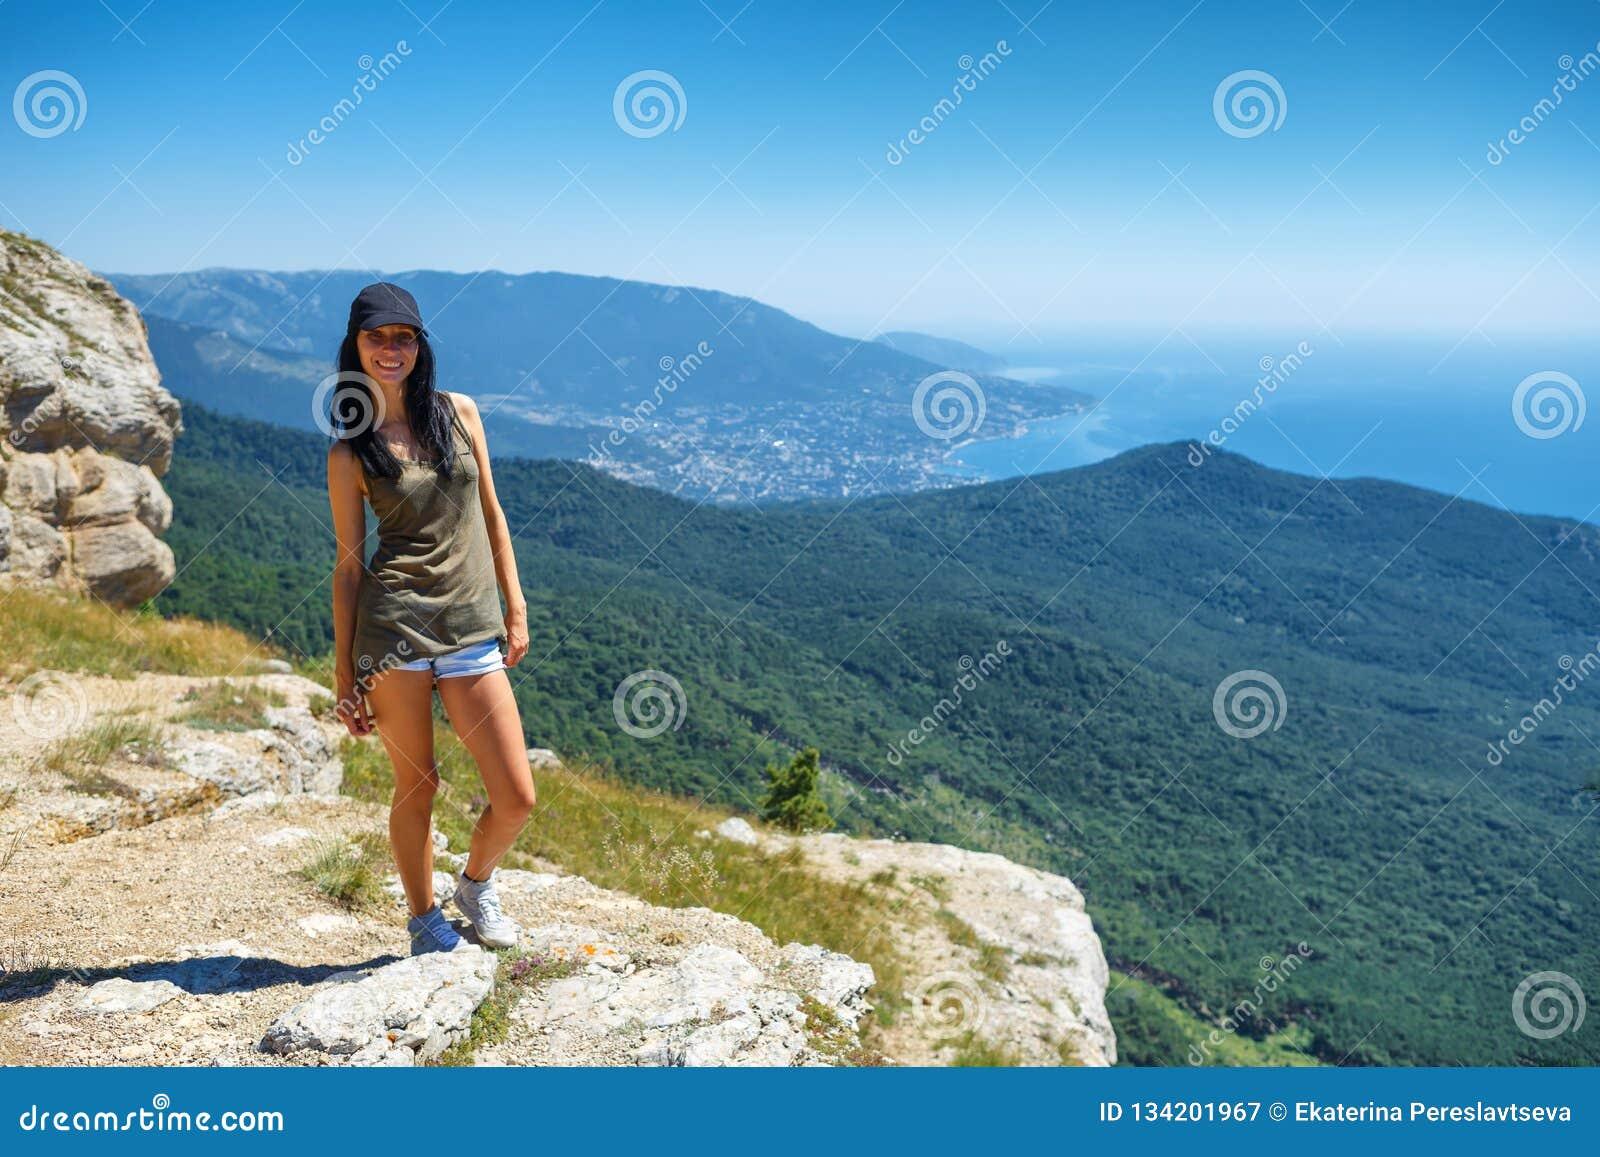 Красивая женщина в шортах стоя на скале с красивым видом, концепцией туризма и перемещением